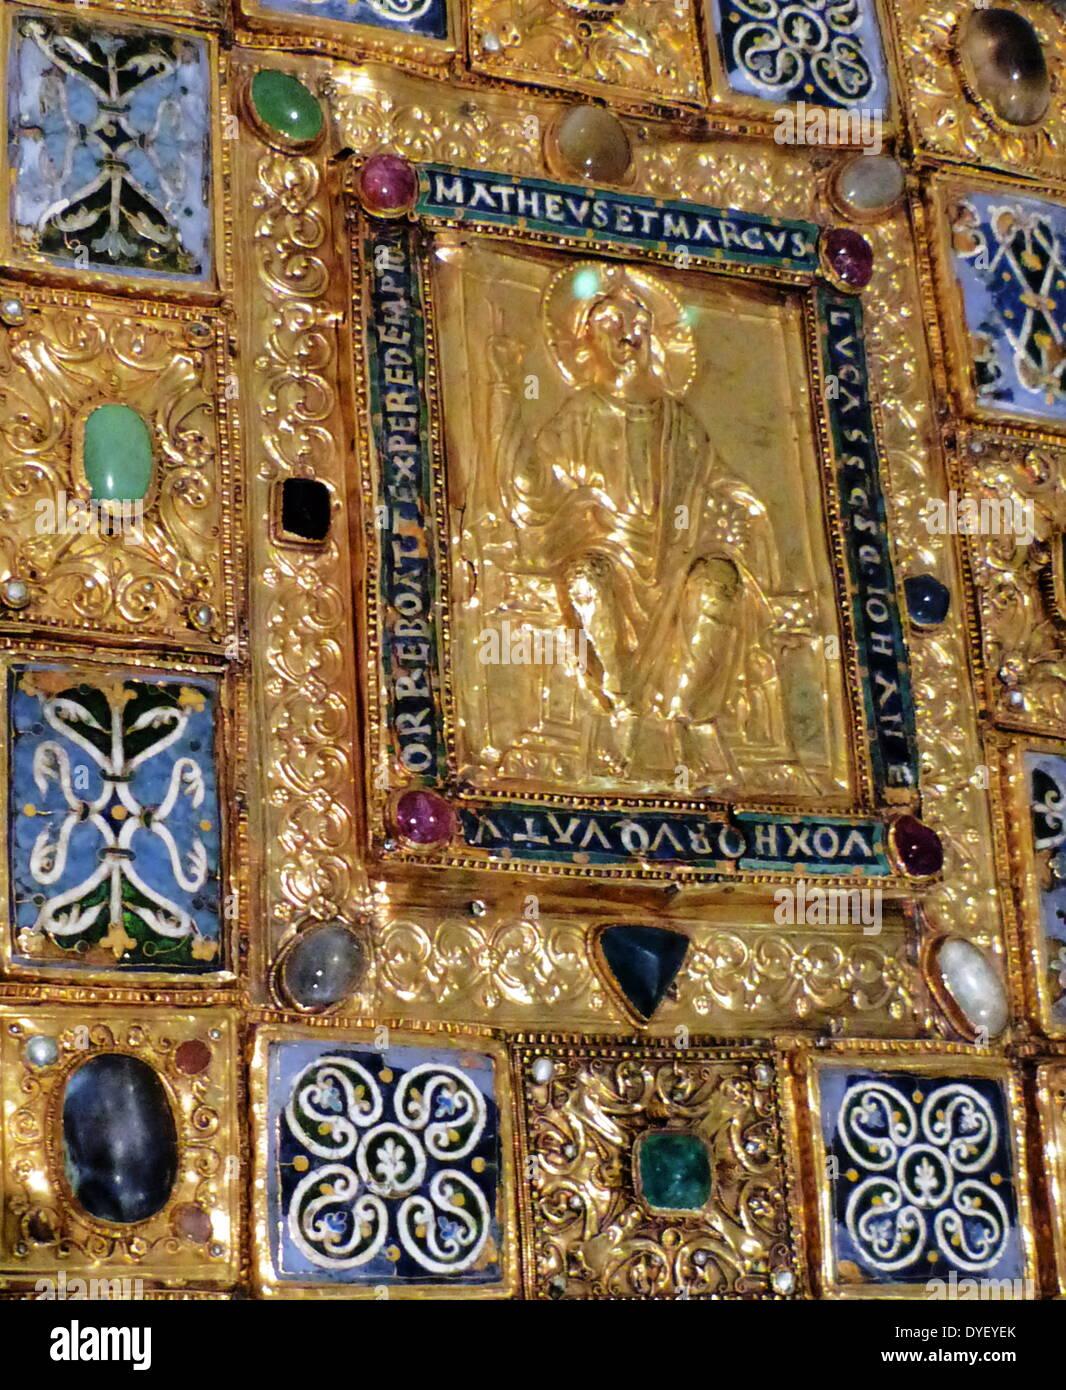 Bejeweled religiöse Tafel mit Relief Bild und lateinische Inschrift. Stockbild